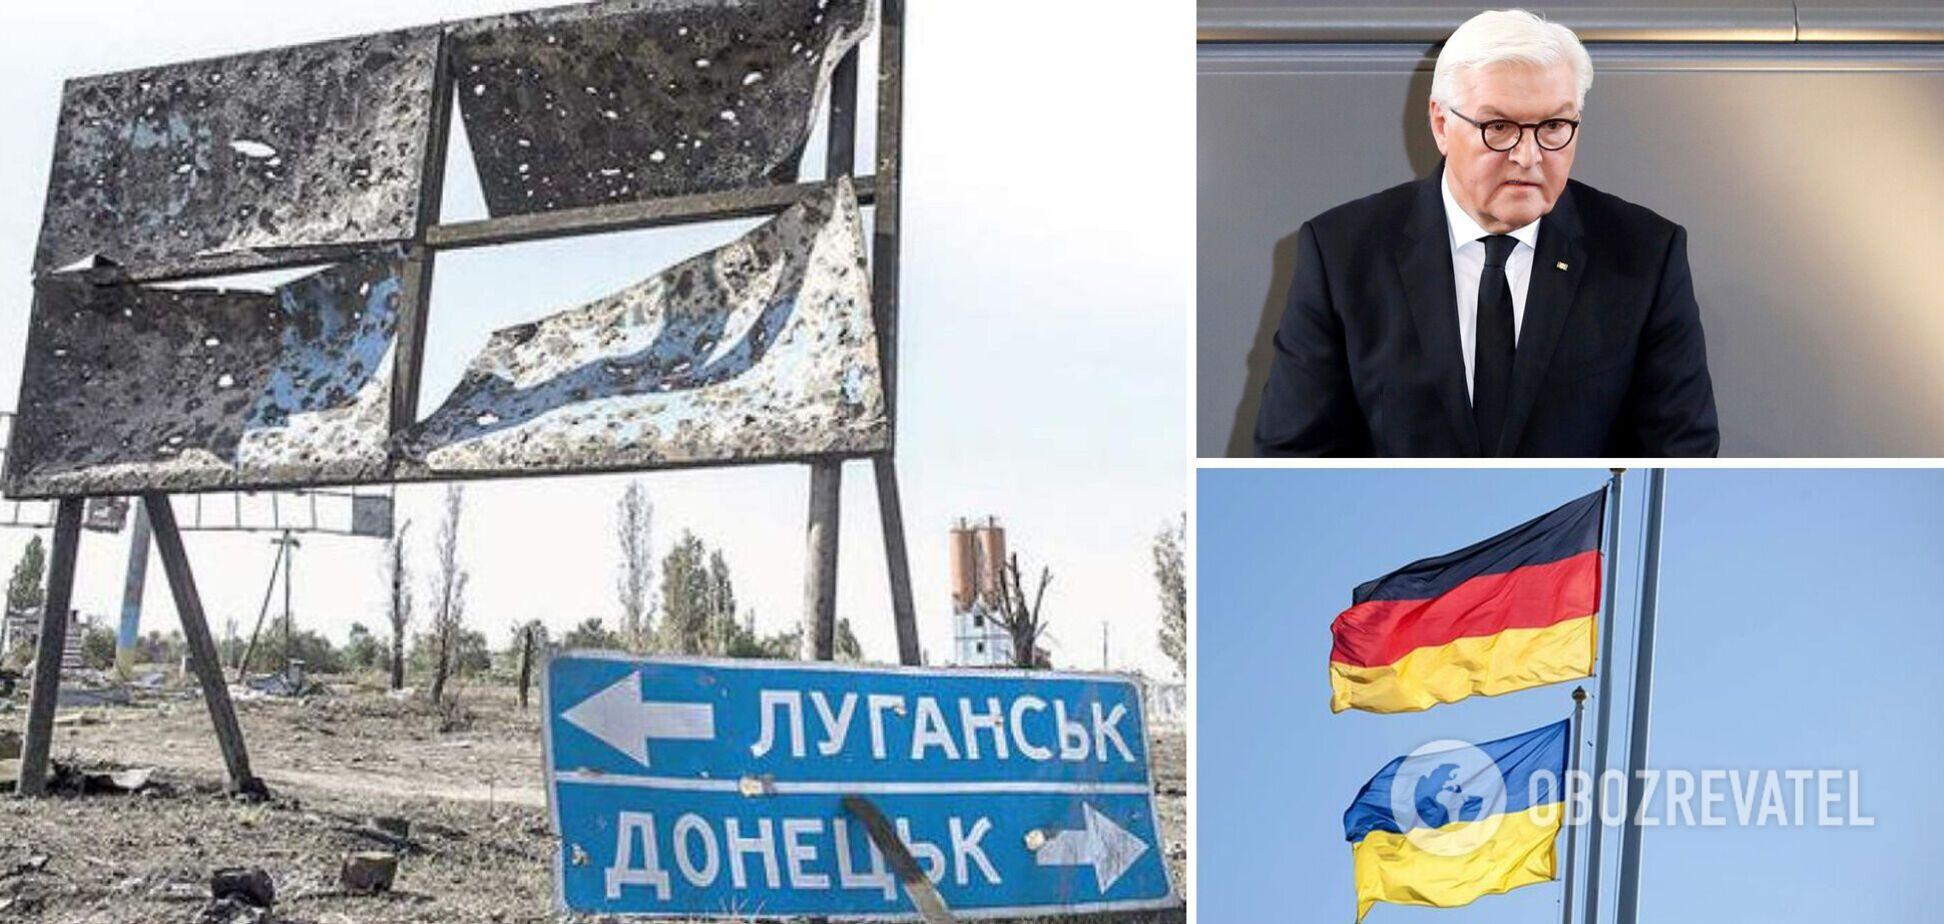 Германия потребовала от Украины принять 'формулу Штайнмайера': что это означает